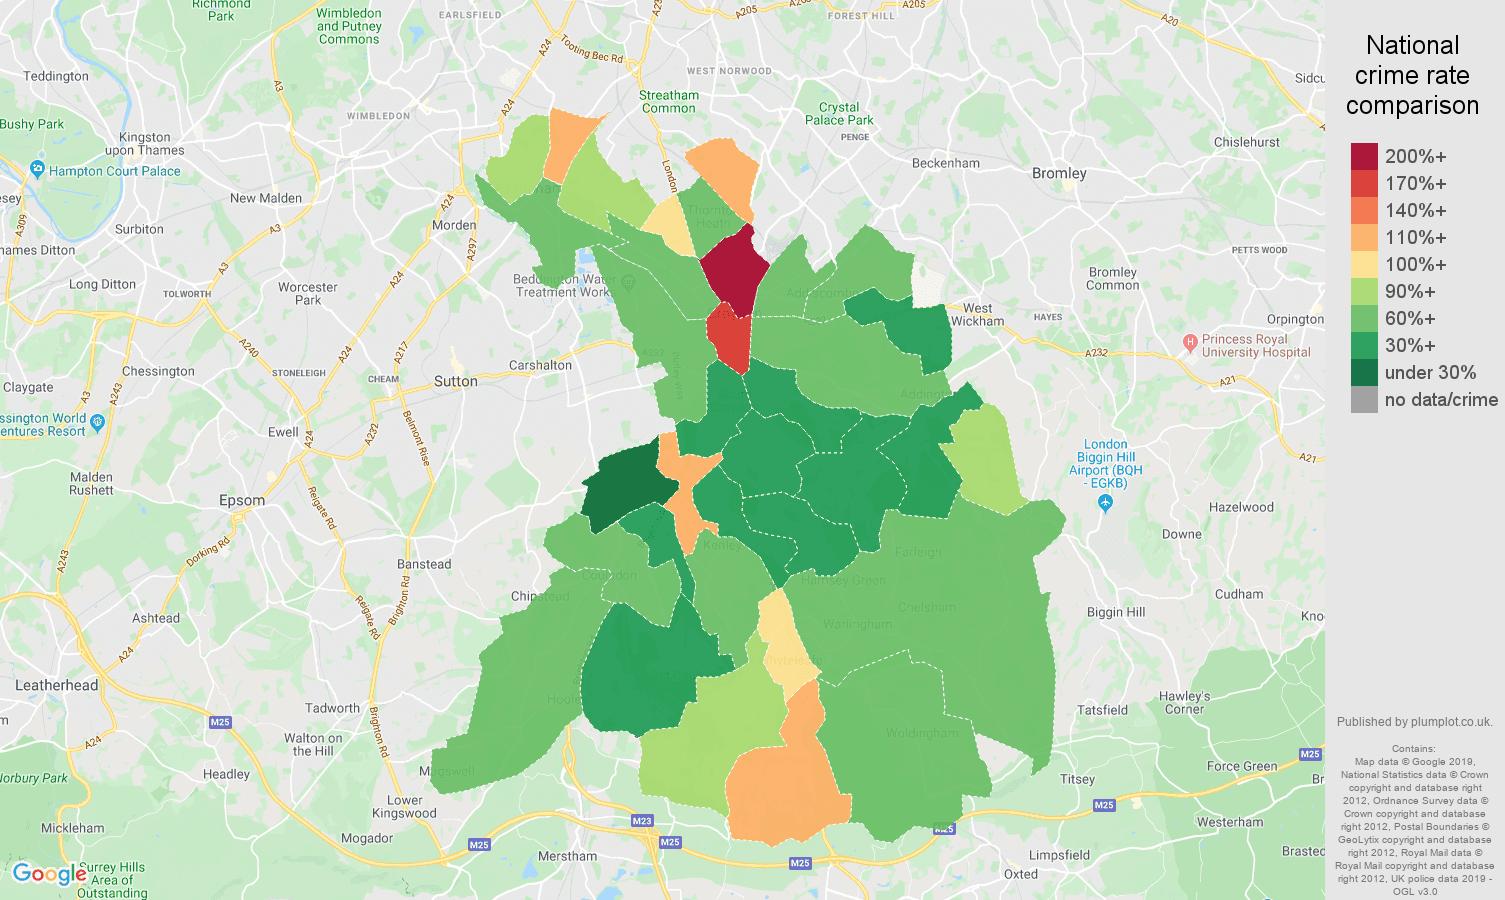 Croydon public order crime rate comparison map